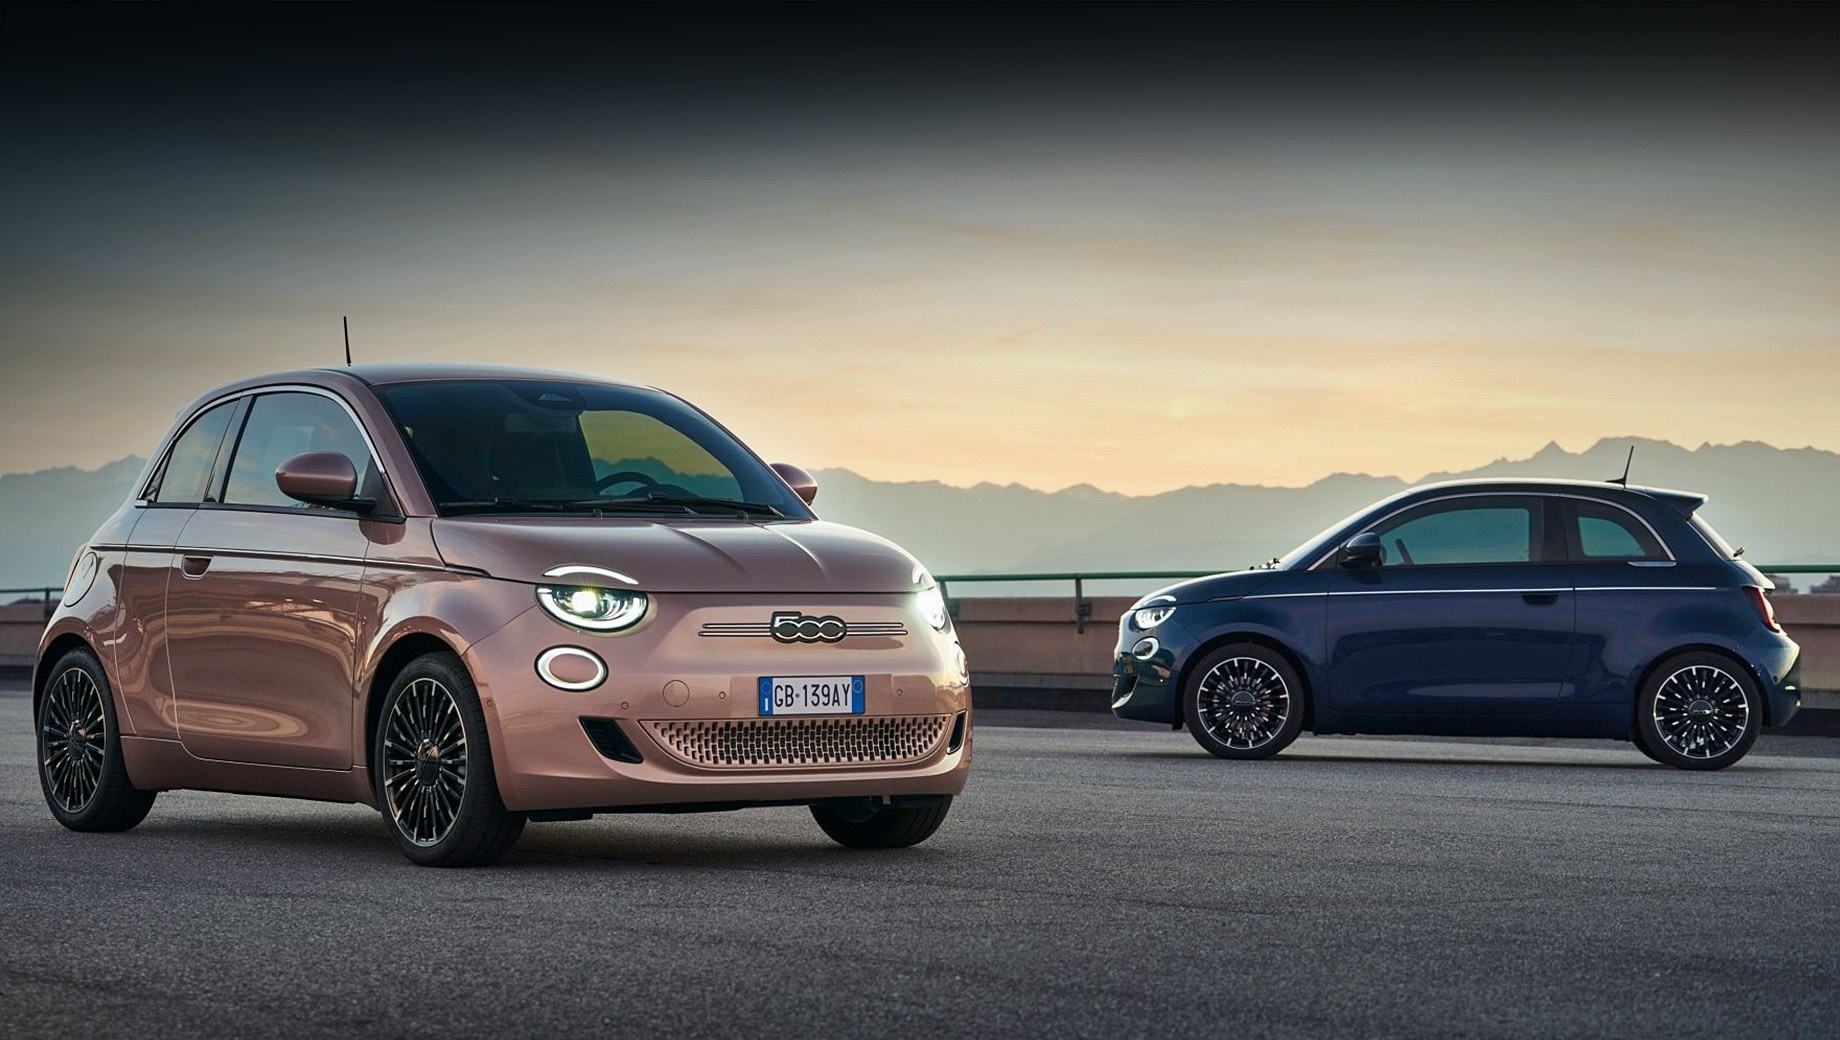 Fiat 500,Fiat 500 la prima. В компании намекают, что новинка ориентирована на клиентов, сохранивших чувство стиля, несмотря на изменившиеся потребности. Речь идёт от семьях с детьми. Автомобиль традиционно представлен в дорогом исполнении со светодиодными фарами и 17-дюймовыми колёсами.